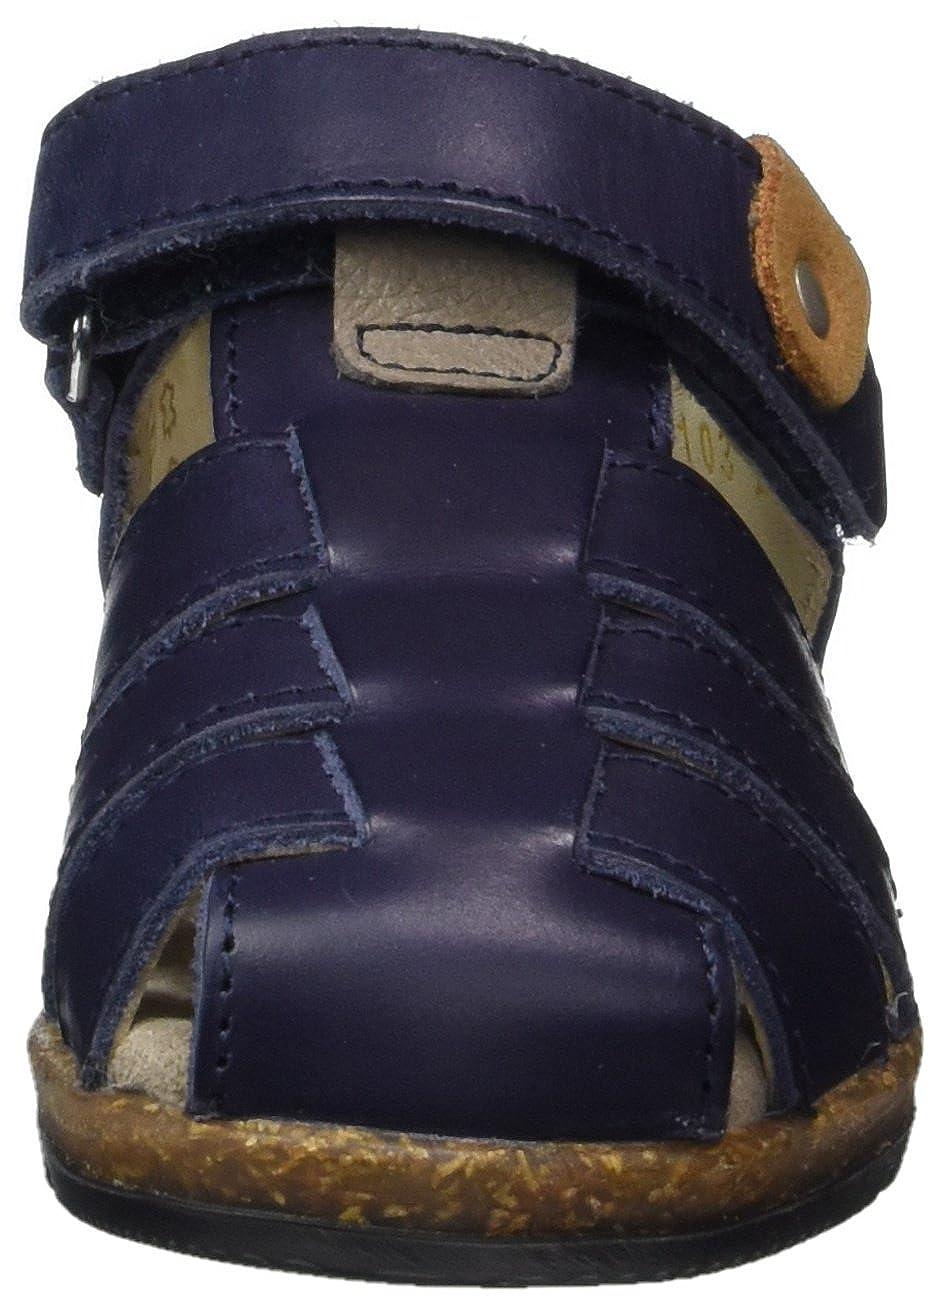 Zapatos de Primeros Pasos Beb/é-Ni/ños Aster Sumbo